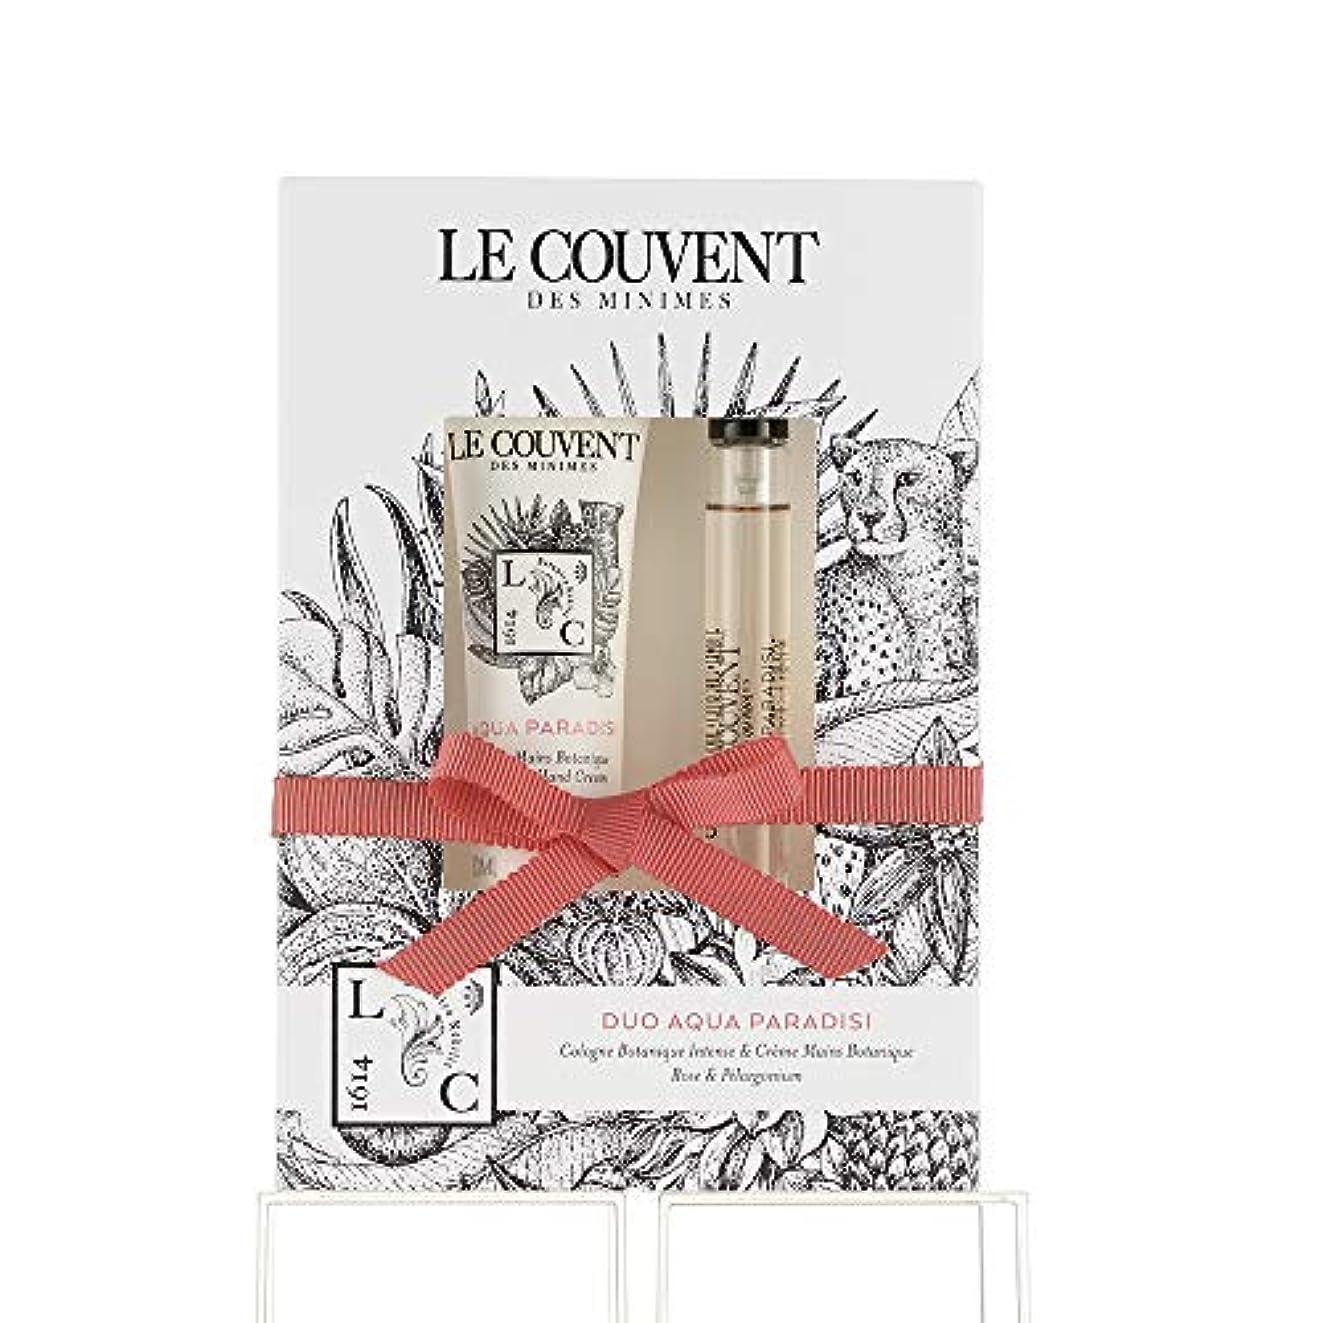 細心の上再現するクヴォン?デ?ミニム(Le Couvent des Minimes) ボタニカルデュオ ボタニカルコロン アクアパラディシ10mL×1、アクアパラディシ ハンドクリーム30g×1